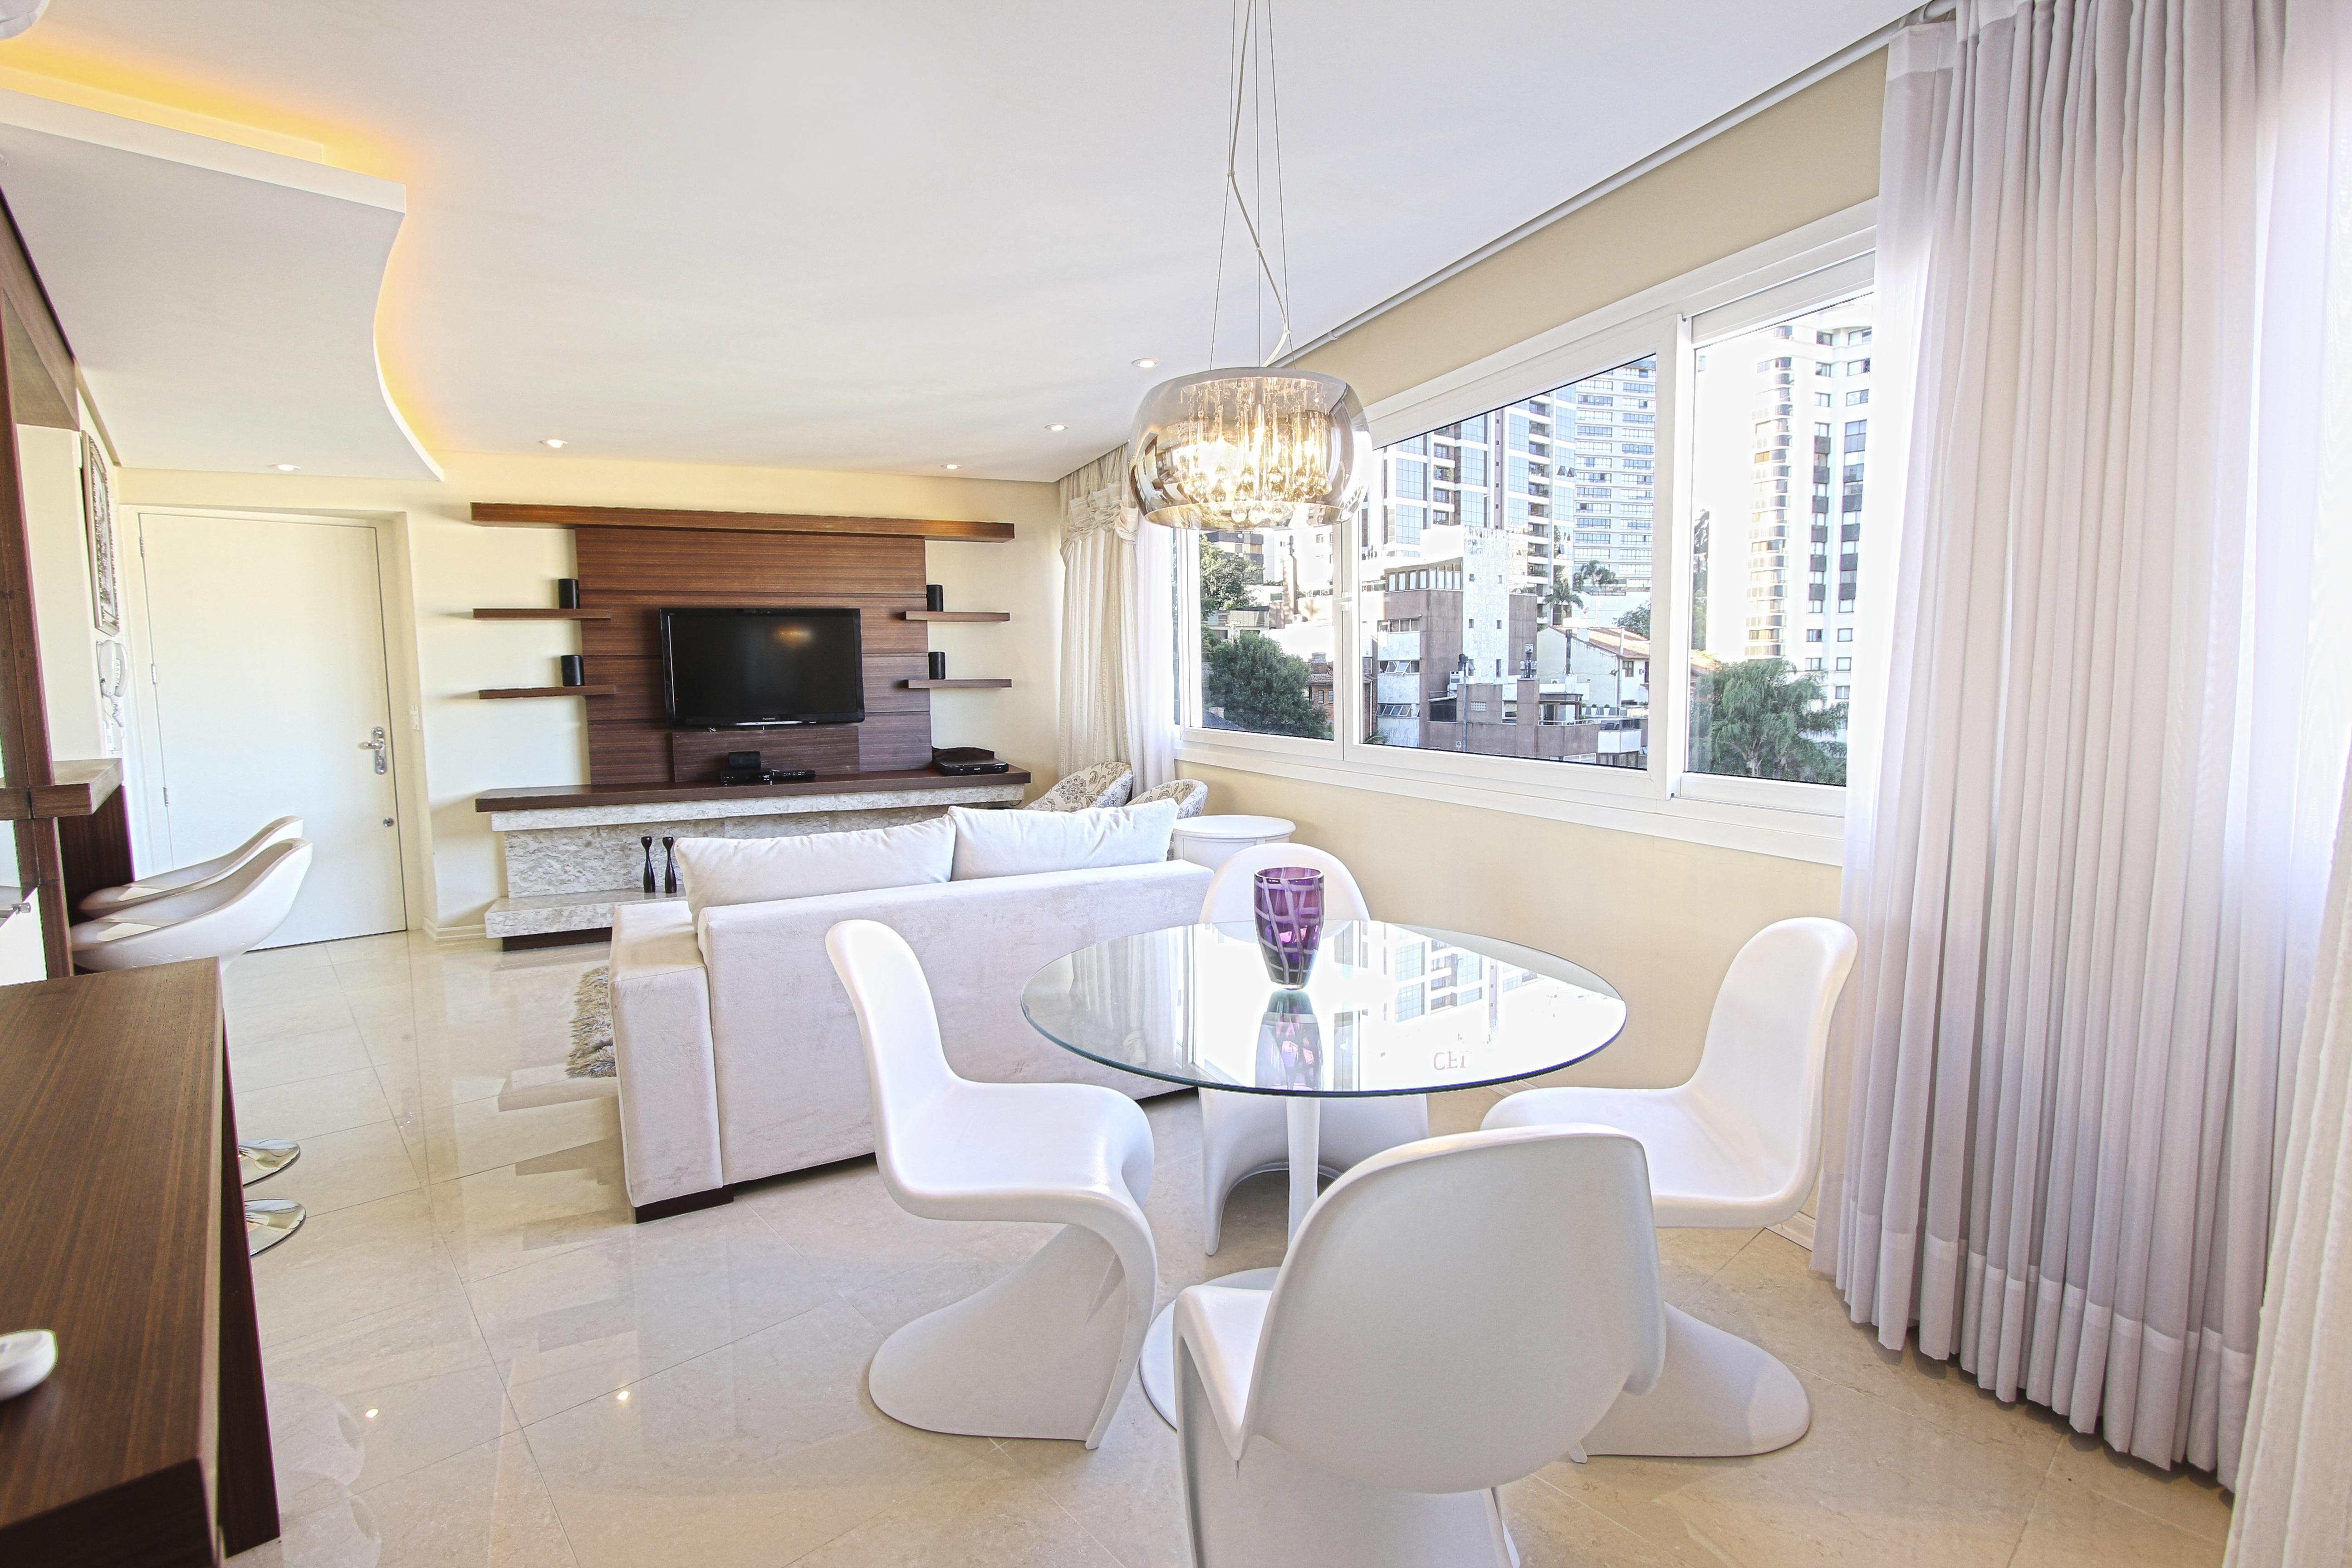 Kostenlose foto : Tabelle, Villa, Stock, Zuhause, Dekoration, Hütte ...